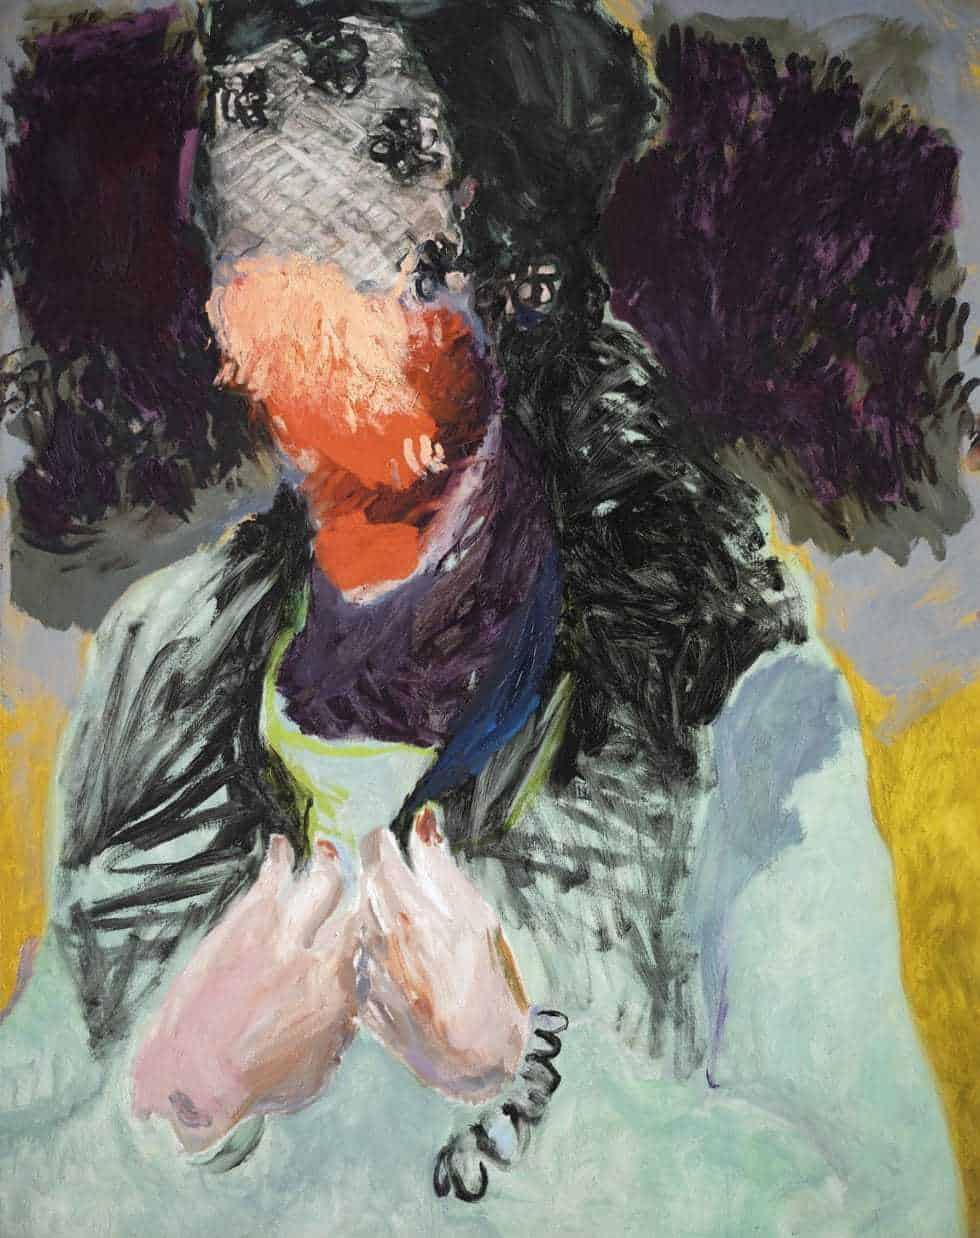 Gaël Davrinche O homem das mil caras Artes & contextos gael davrinche 12 980x1238 1